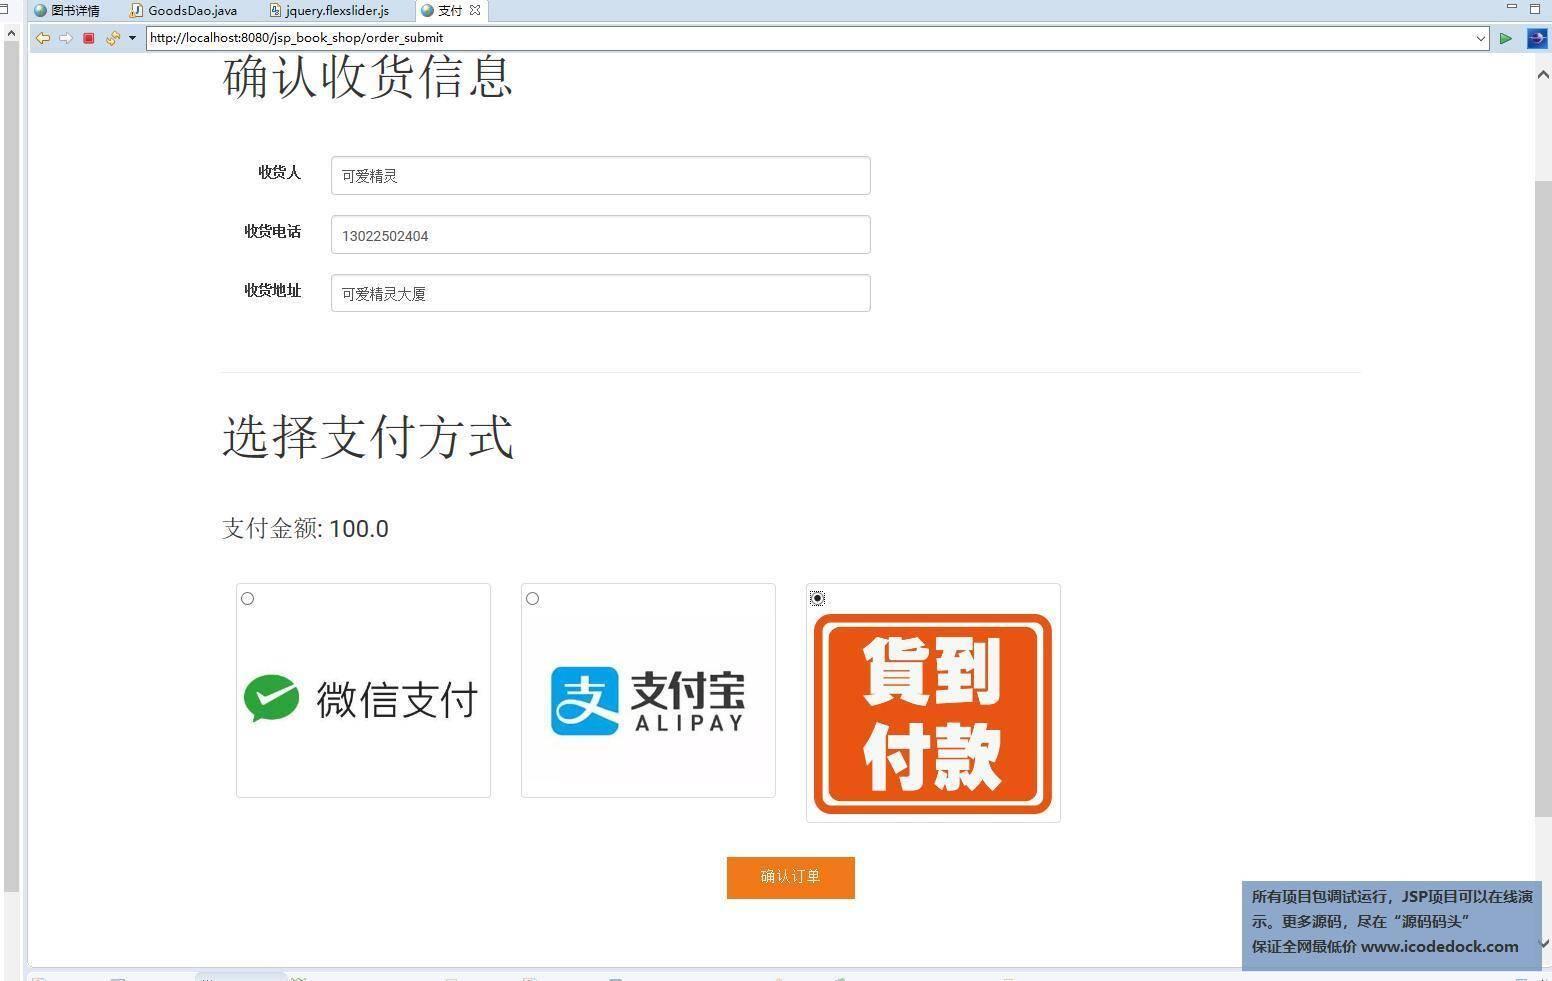 源码码头-JSP图书商城项目管理系统-用户角色-提交订单